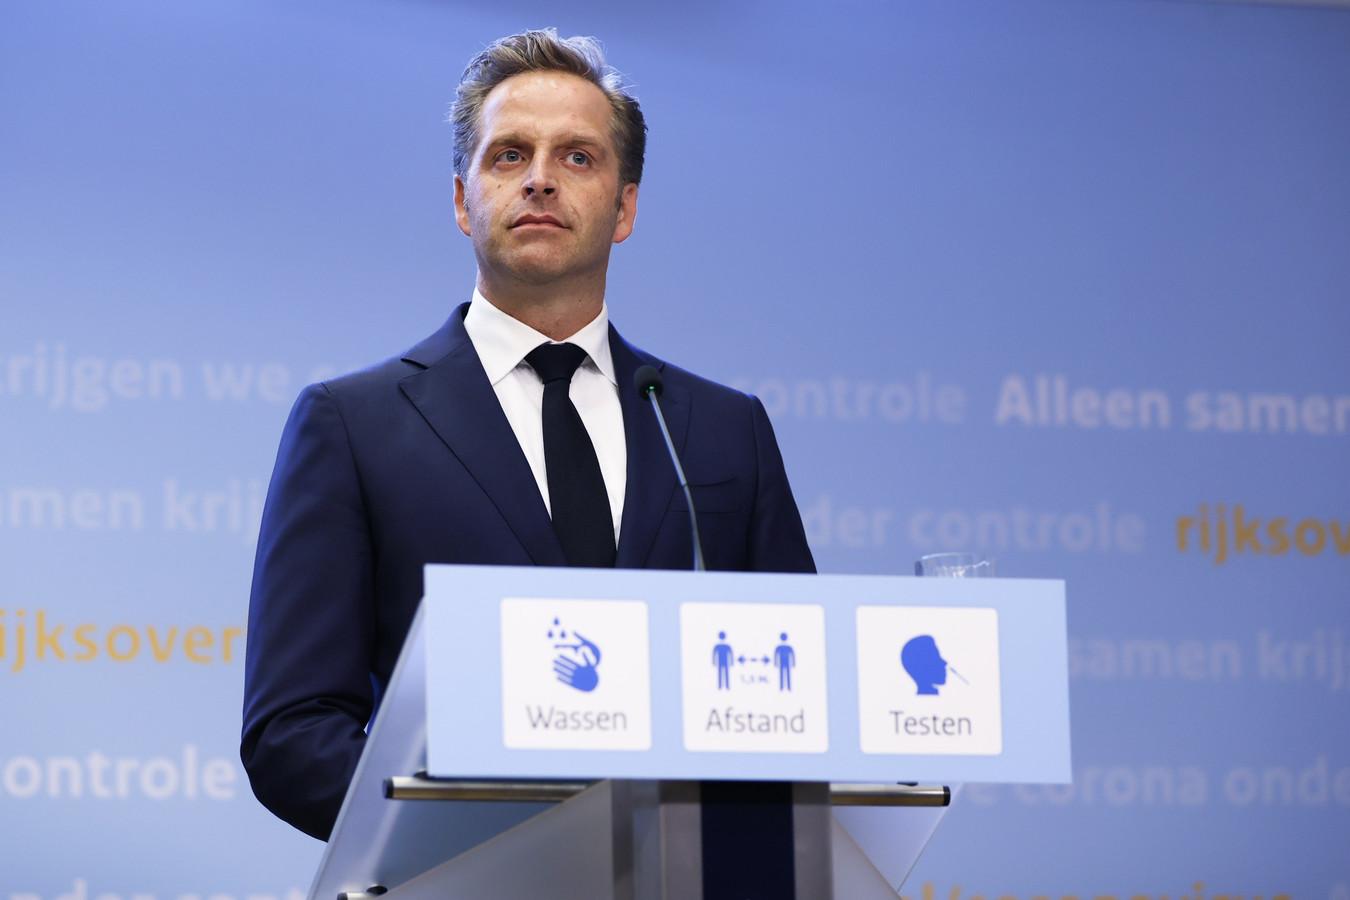 Demissionair minister Hugo de Jonge (Volksgezondheid, Welzijn en Sport) tijdens een persconferentie.